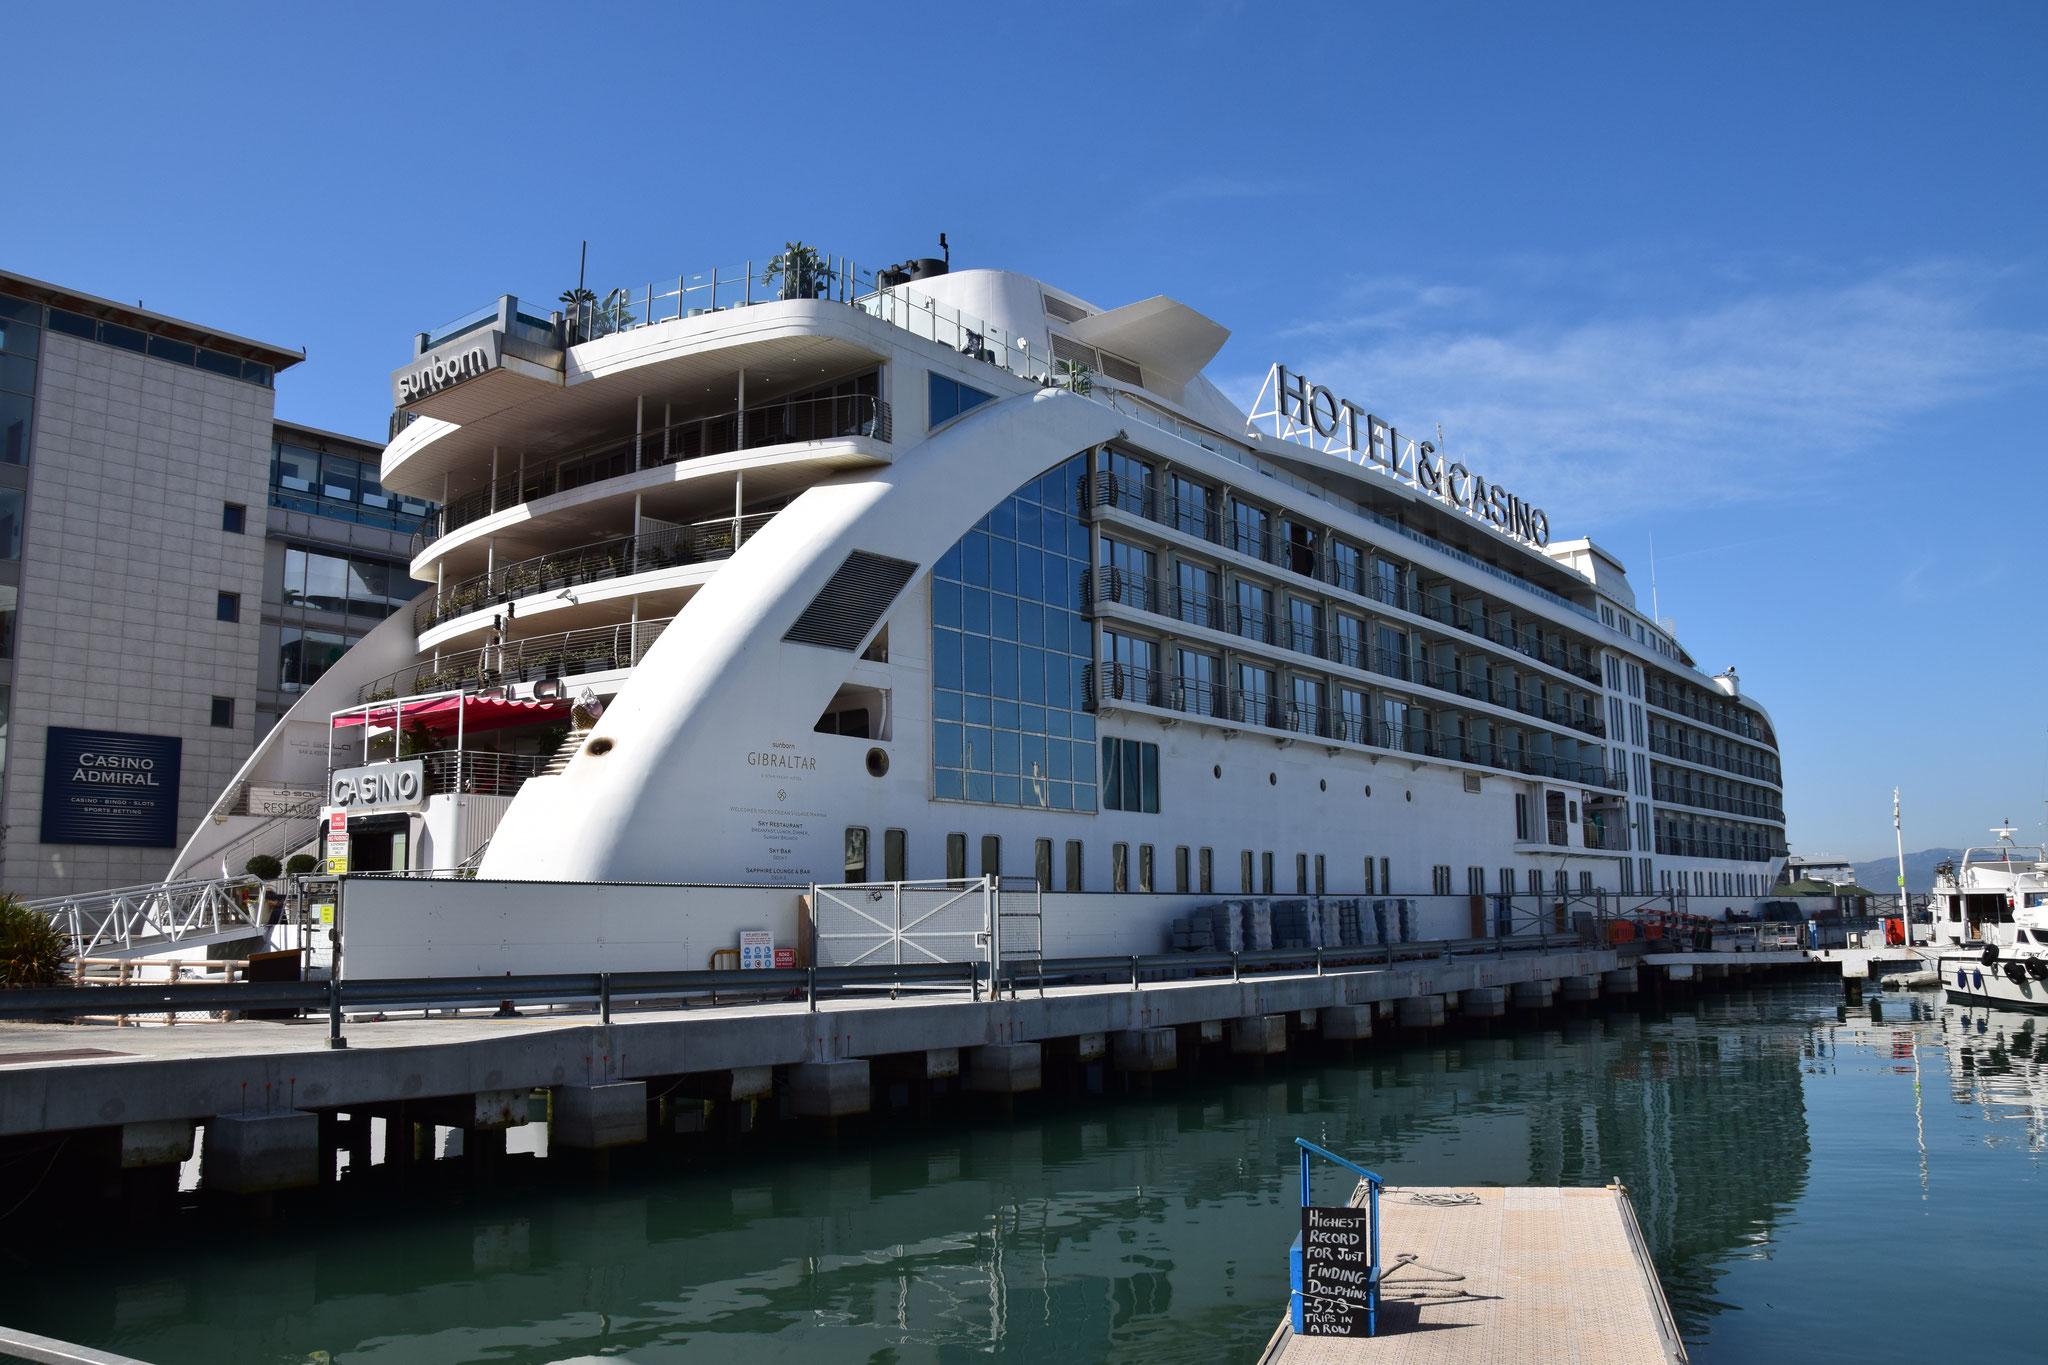 Eine Luxusyacht als Casino und Hotel